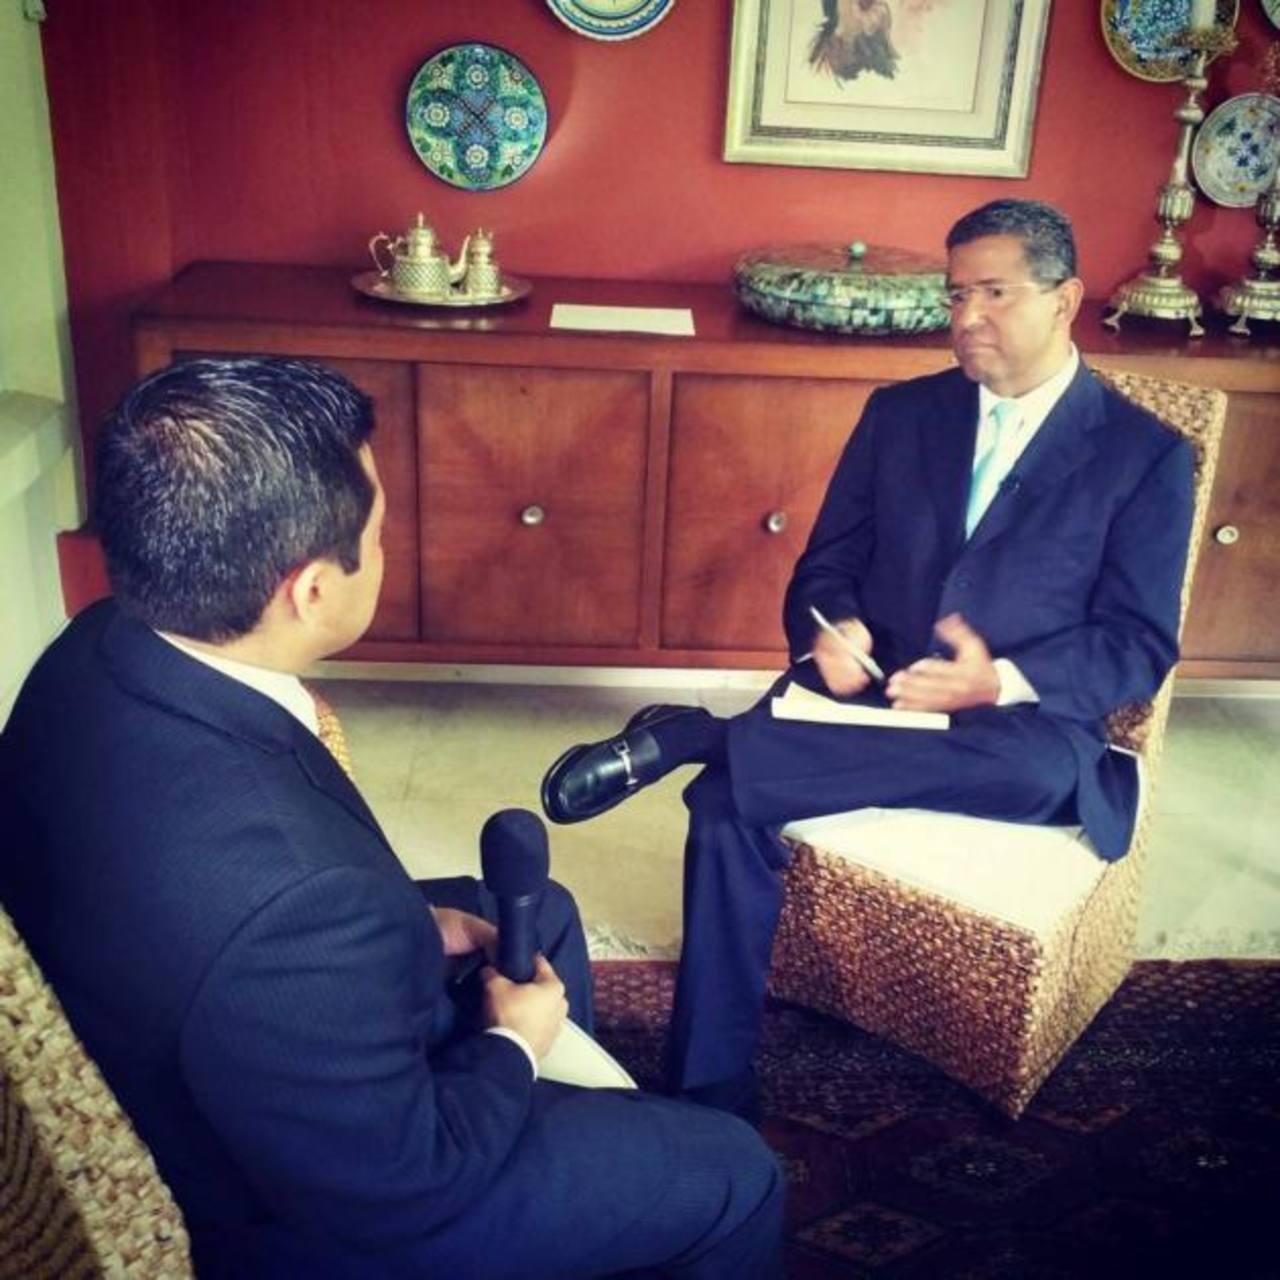 El expresidente Francisco Flores fue entrevistado el pasado sábado por CNN, pero hasta ayer se transmitió. foto edh /